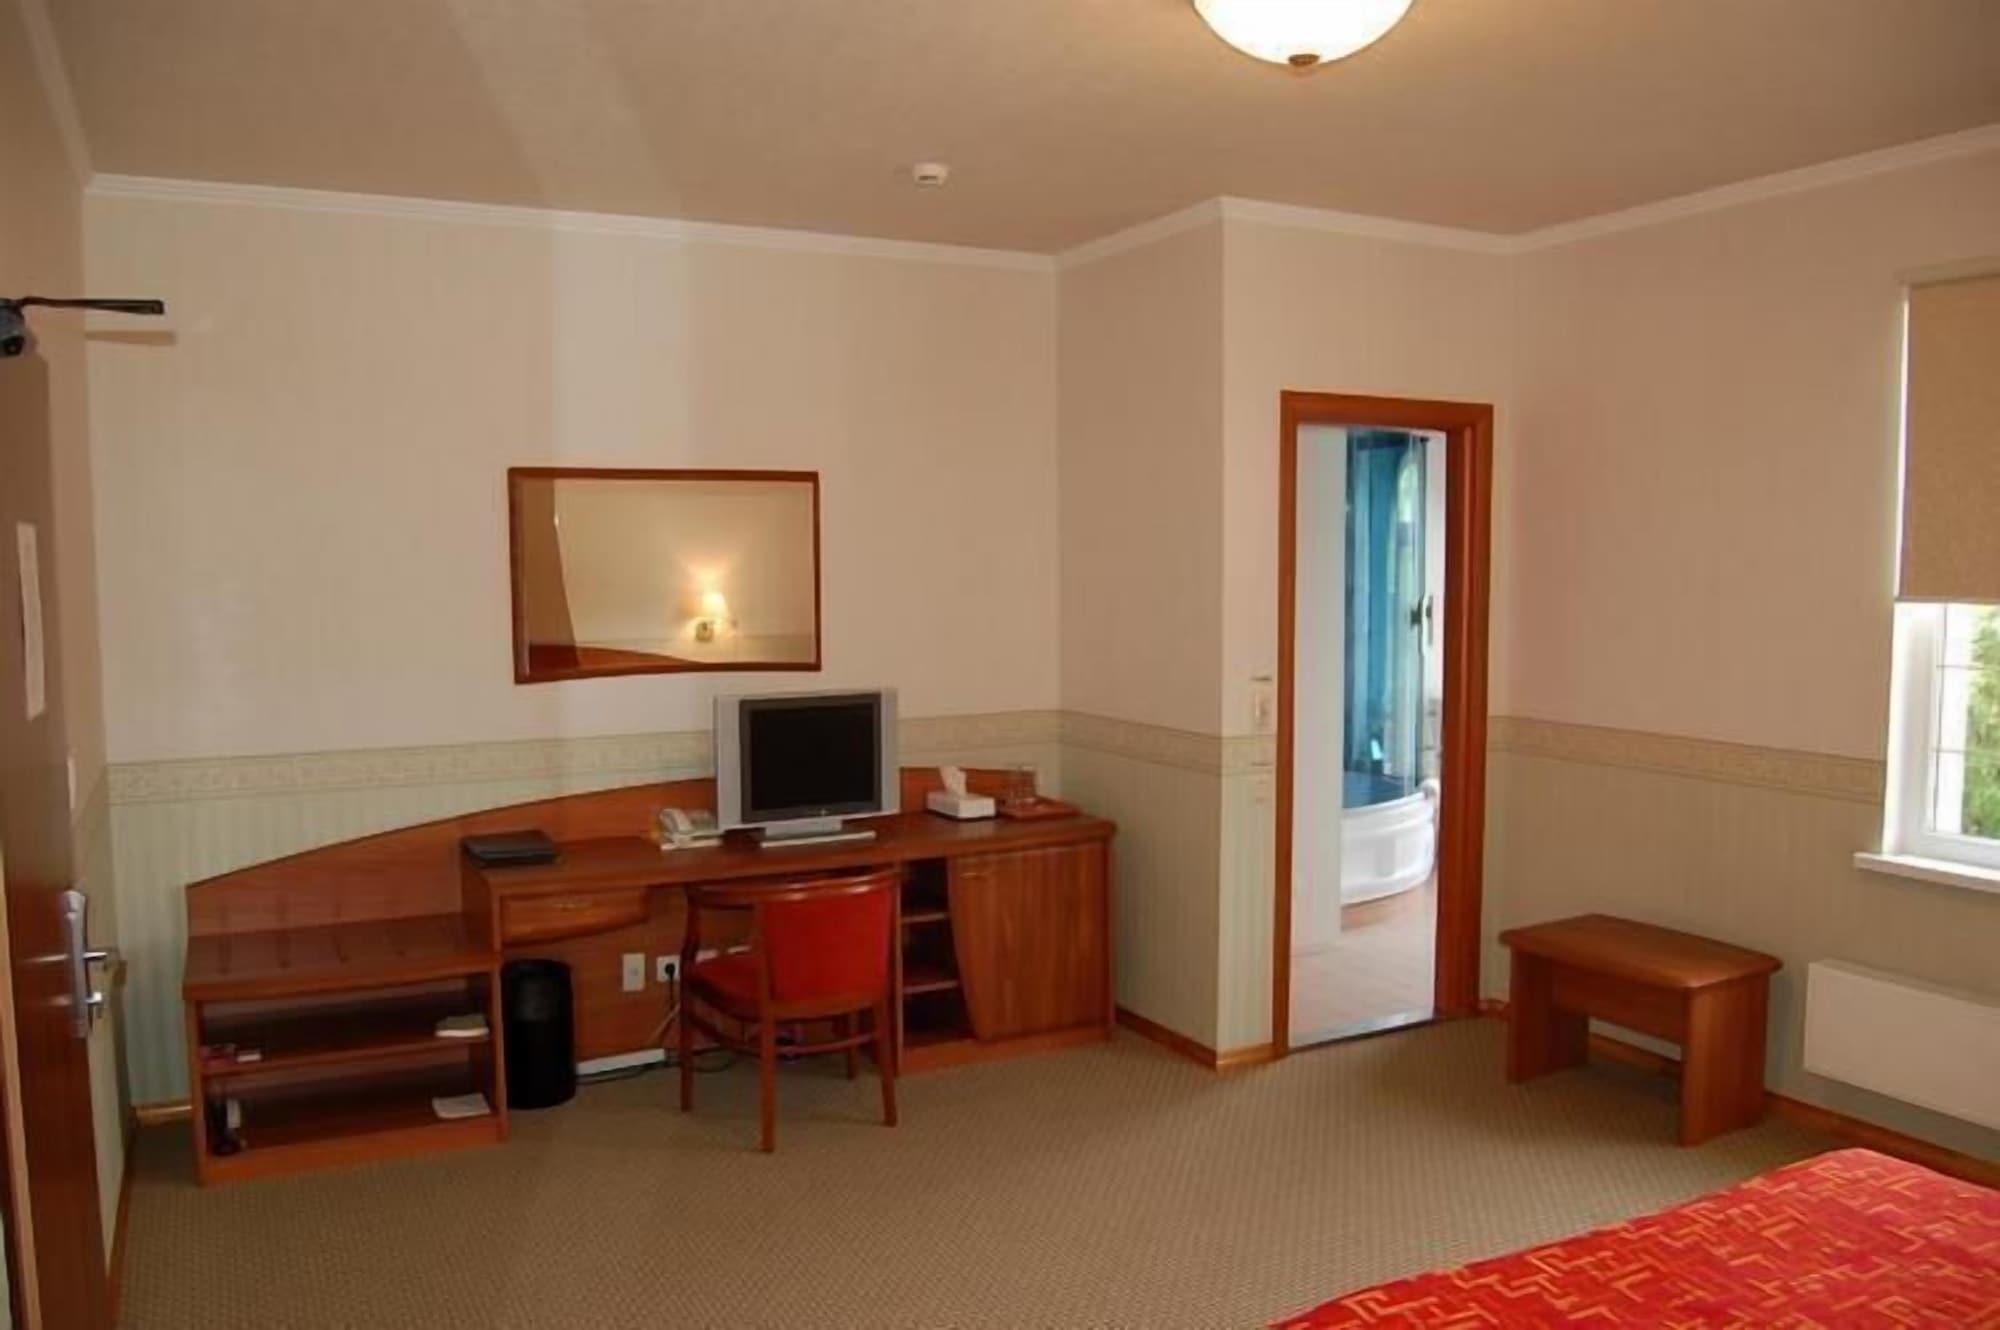 Mithos hotel, Anivskiy rayon